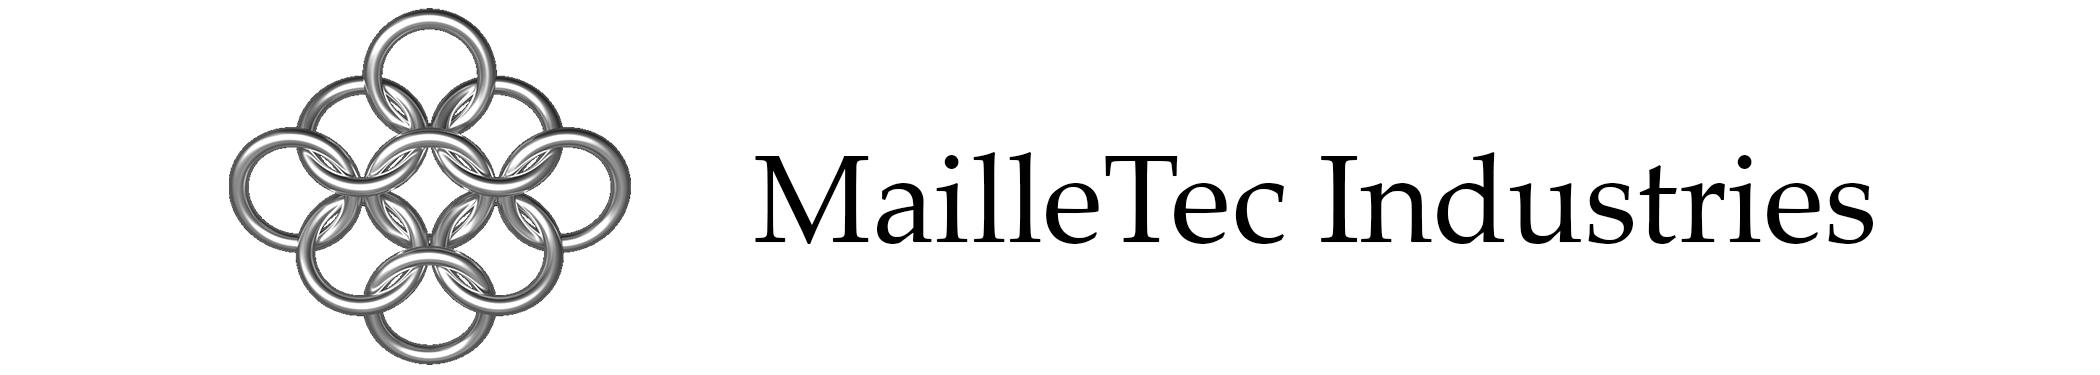 MailleTec